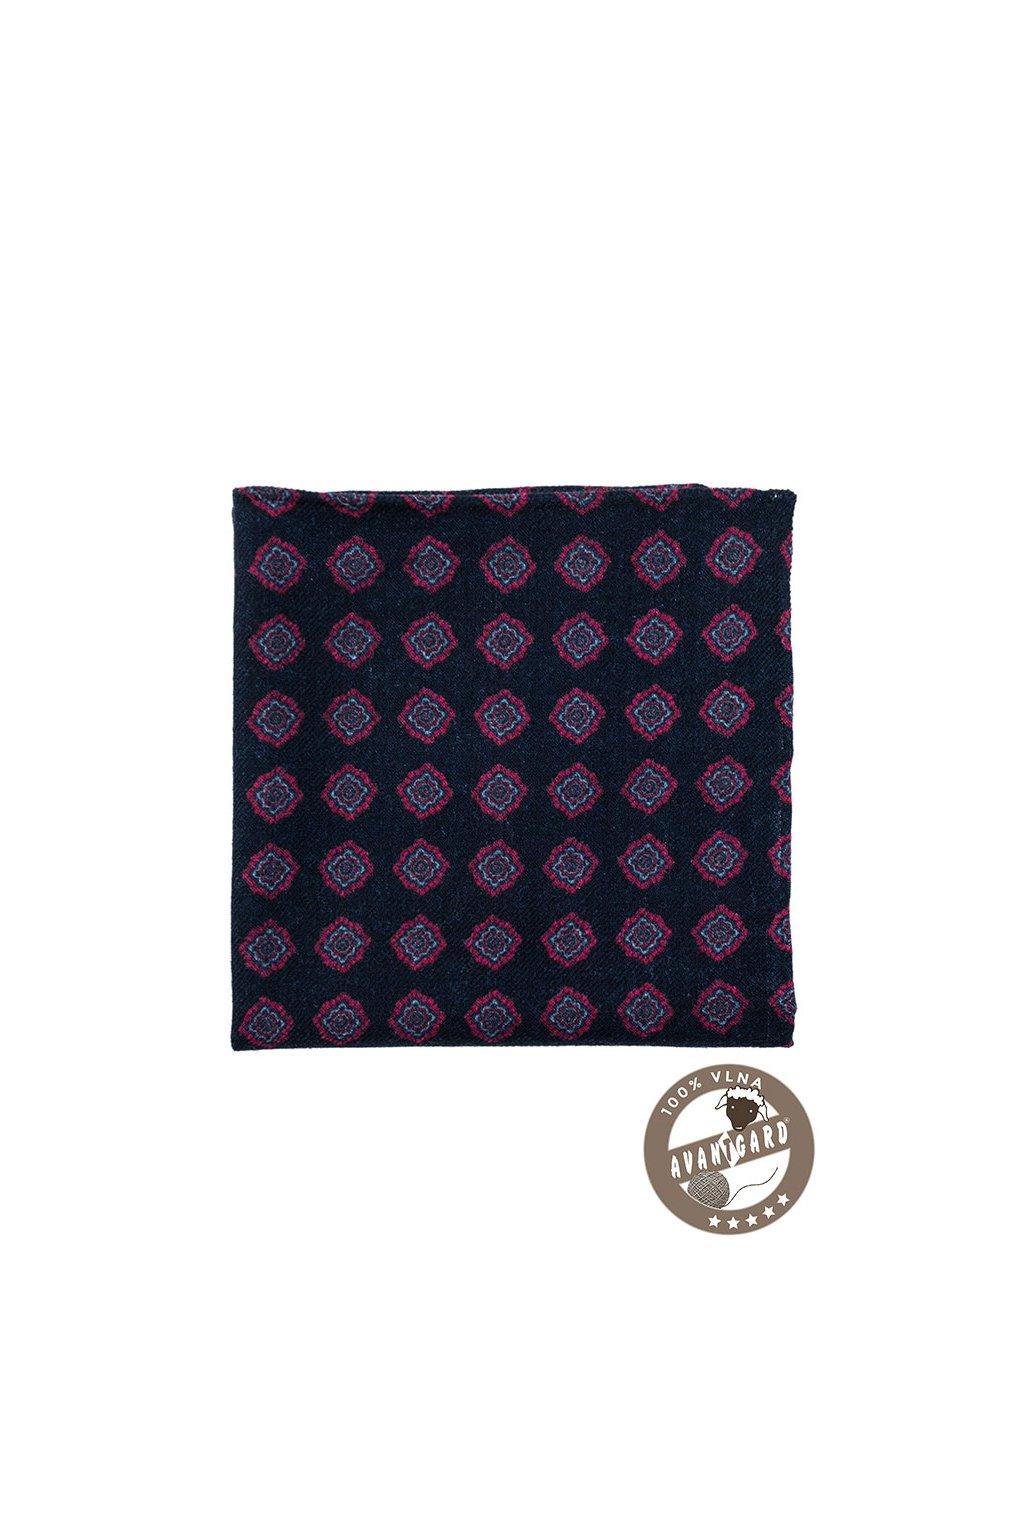 Tmavě modrý vlněný kapesníček se vzorem